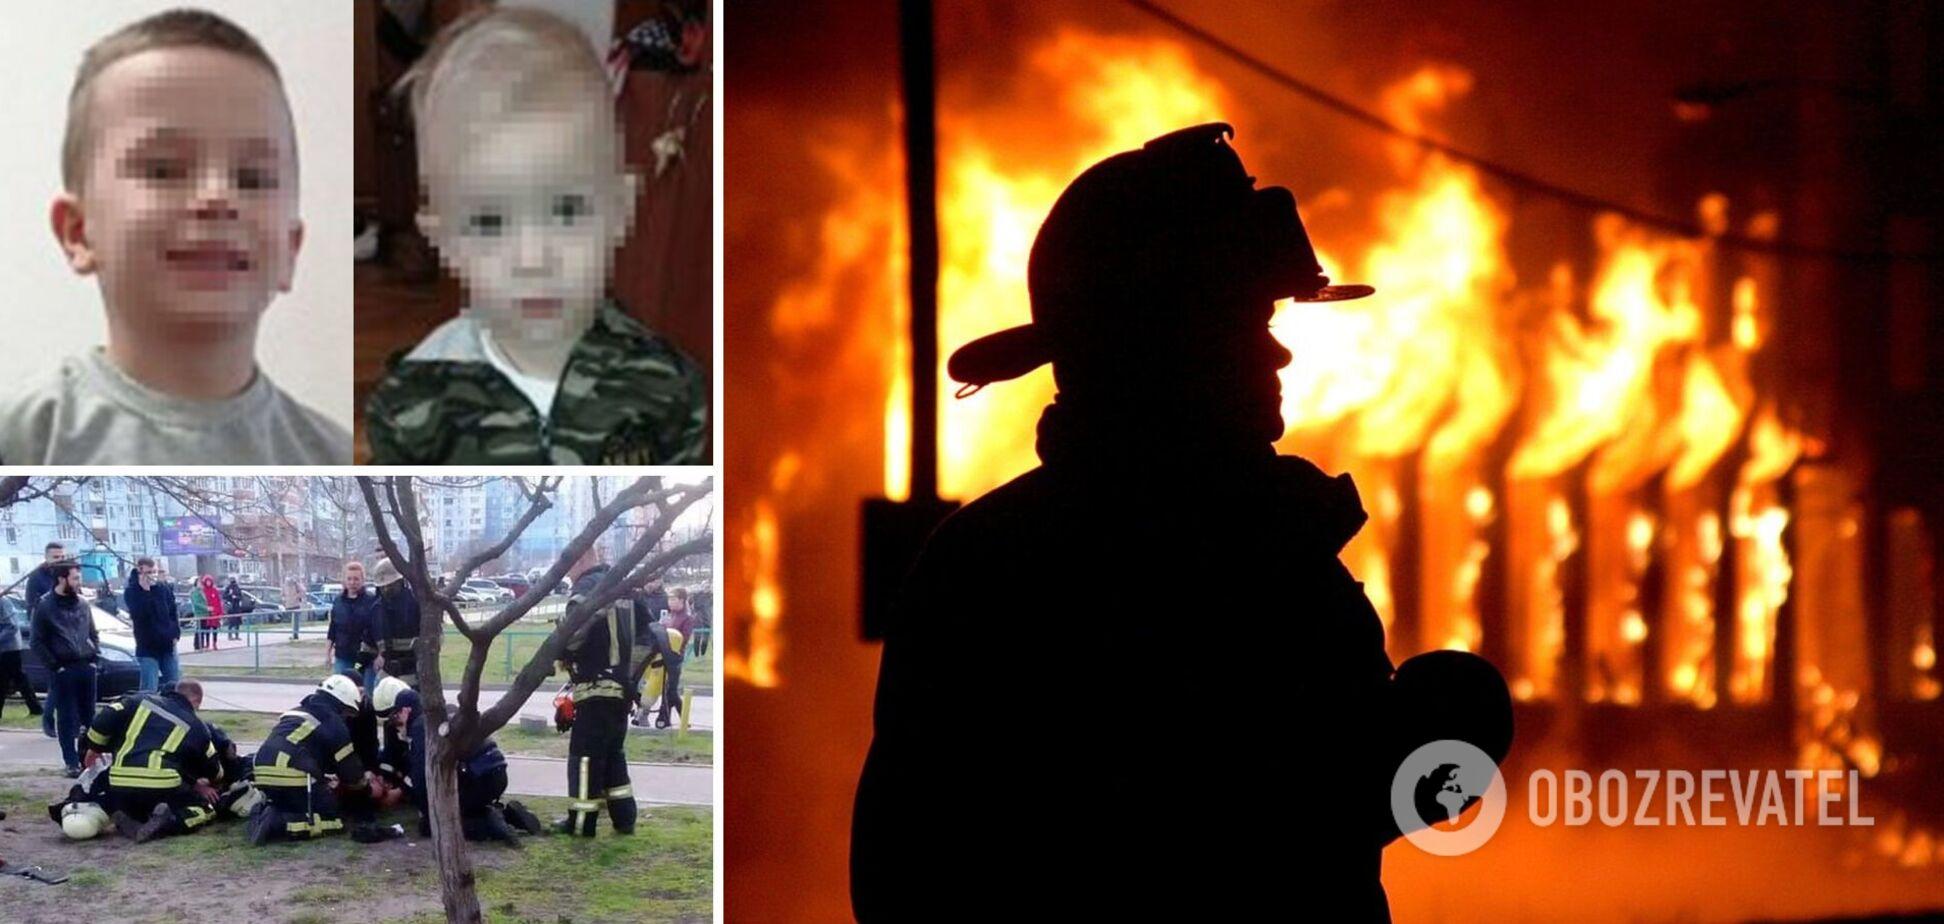 Діти потрапили в реанімацію, а сім'ї ніде жити: з'явилися подробиці пожежі в багатоповерхівці Києва